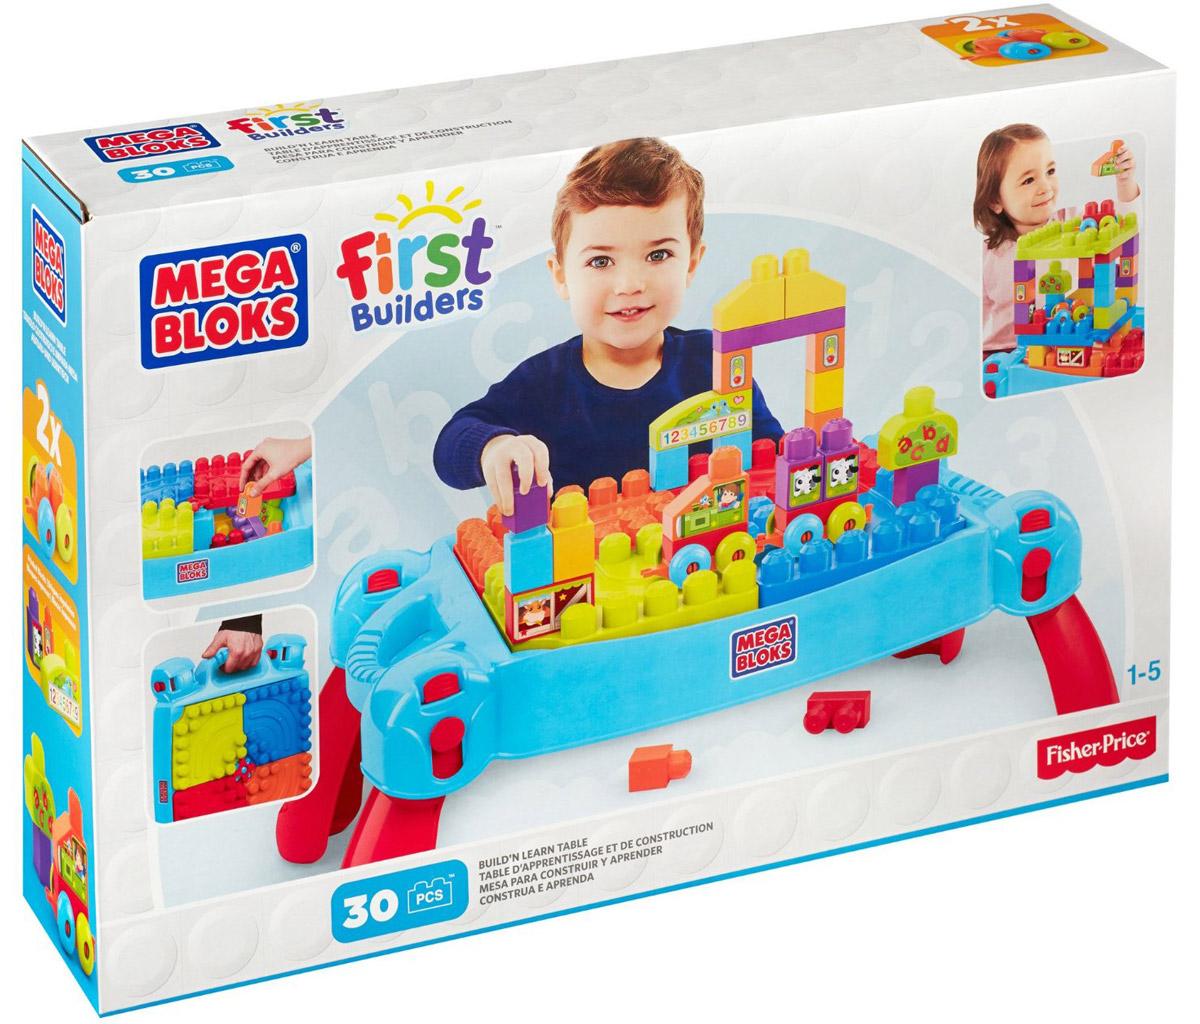 Mega Bloks First Builders Конструктор Строим и учимсяCNM42Учитесь, играйте и стройте с конструктором Mega Bloks First Builders Строим и учимся! Конструктор представляет собой удобный и практичный столик, который станет местом, где ваш ребенок будет учиться с помощью игры и интерактивных открытий. В набор входят специальные кубики First Builders, из которых ваш ребенок сможет построить все что угодно прямо на столе. Имеет встроенное хранилище для кубиков. Играя с конструктором, малыш отлично разовьет мелкую моторику рук, координацию движений, усидчивость, воображение и фантазию, пространственное мышление, а также познакомится с такими понятиями, как цвет, форма и размер предмета.